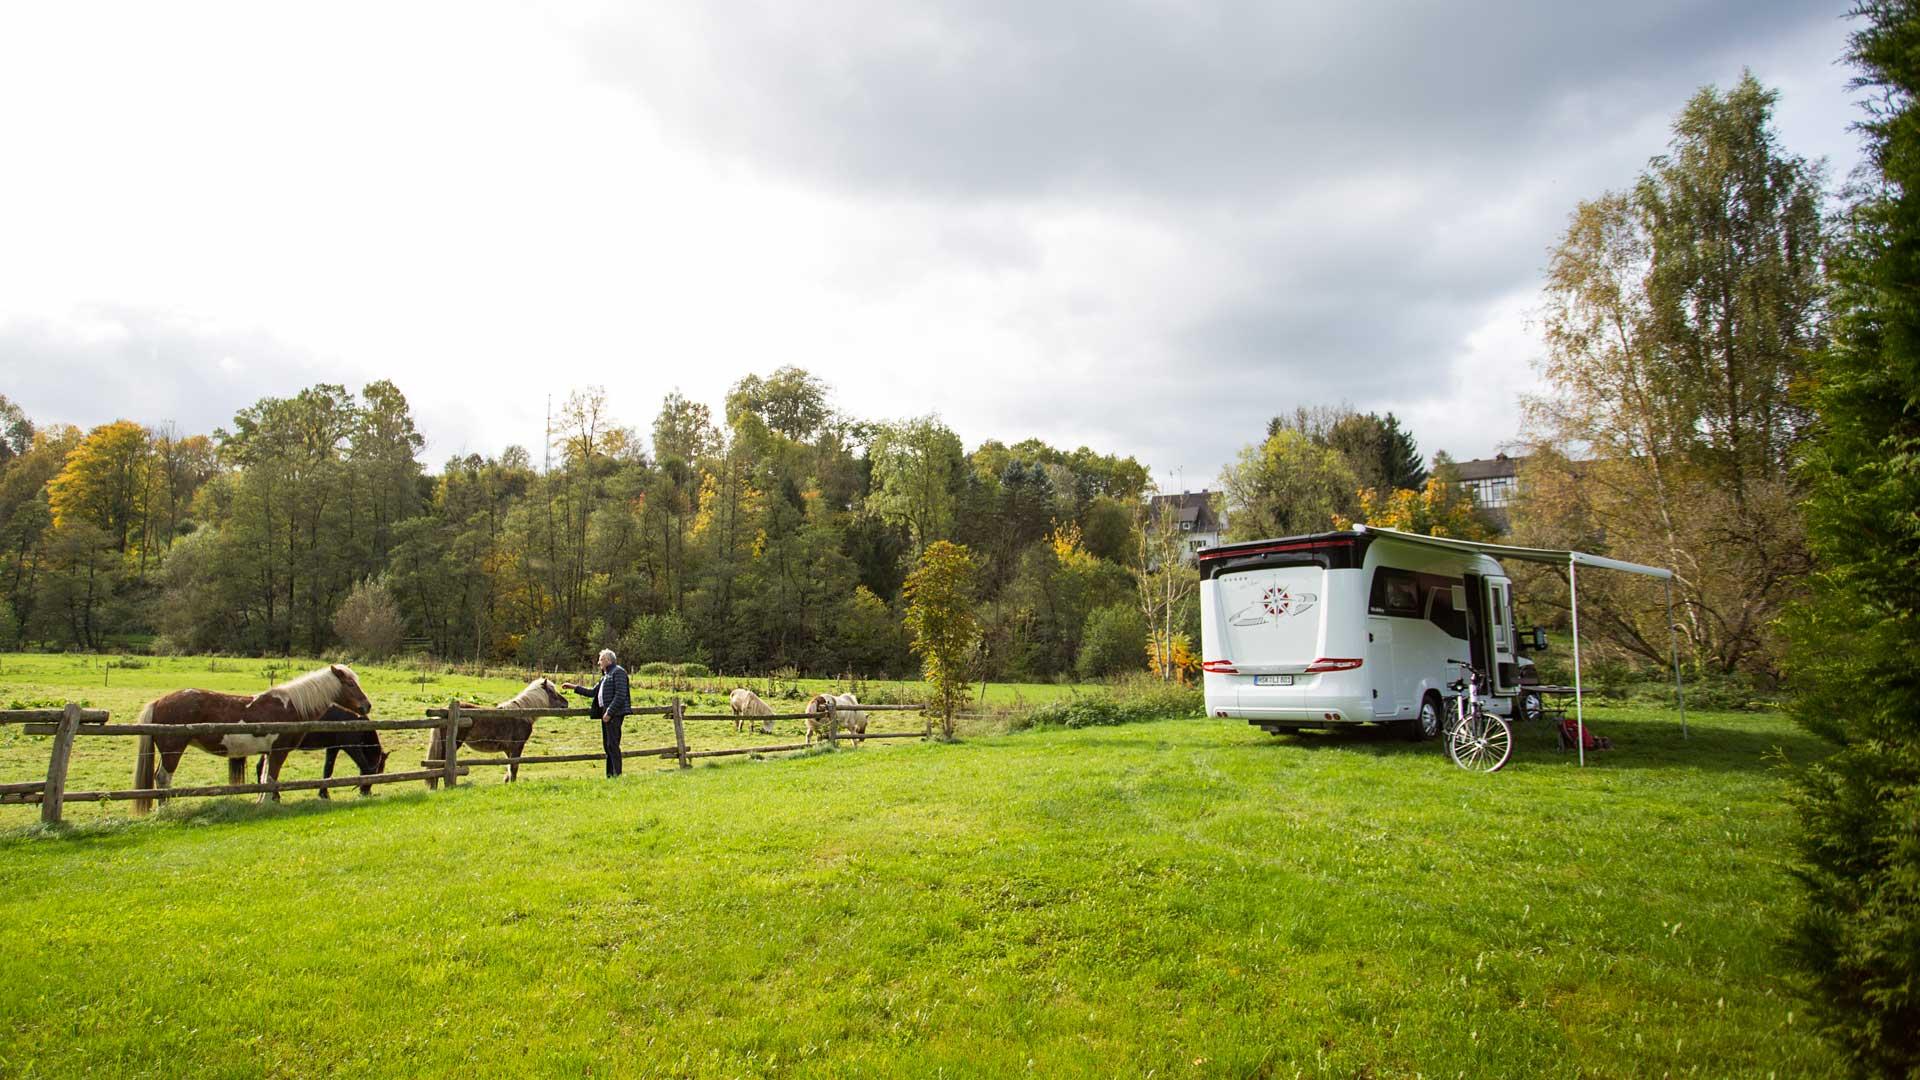 Camping Wiese mit Wohnmobild und Pferden_